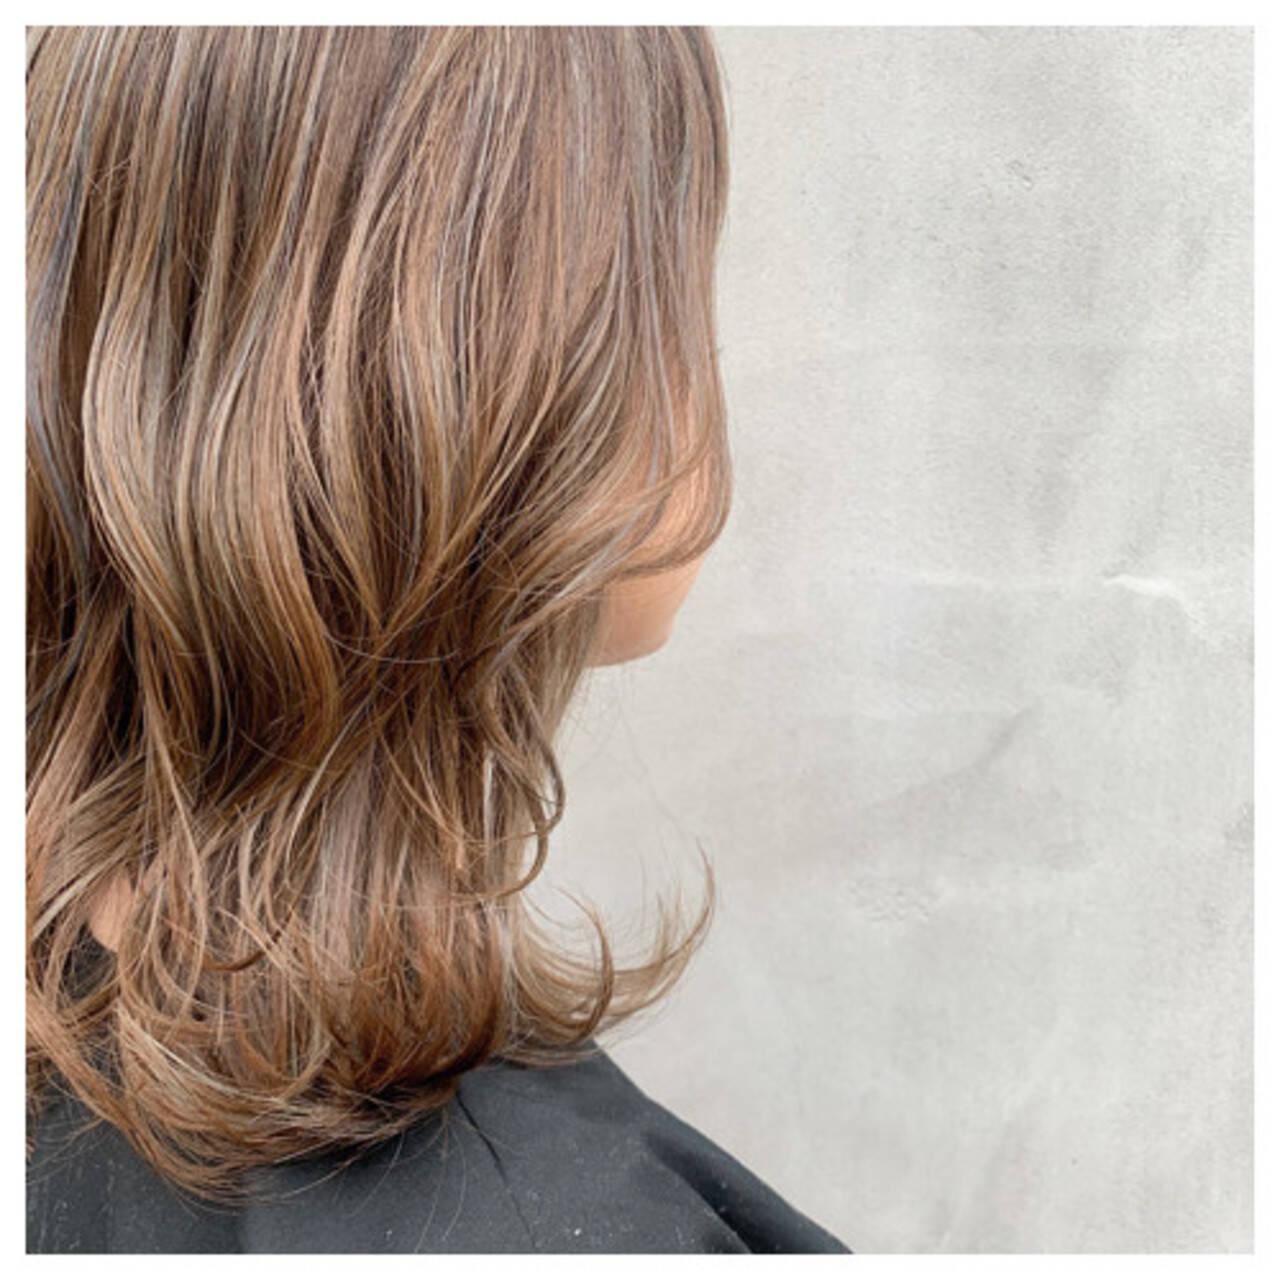 セミロング ハイライト ベージュ ブラウンベージュヘアスタイルや髪型の写真・画像